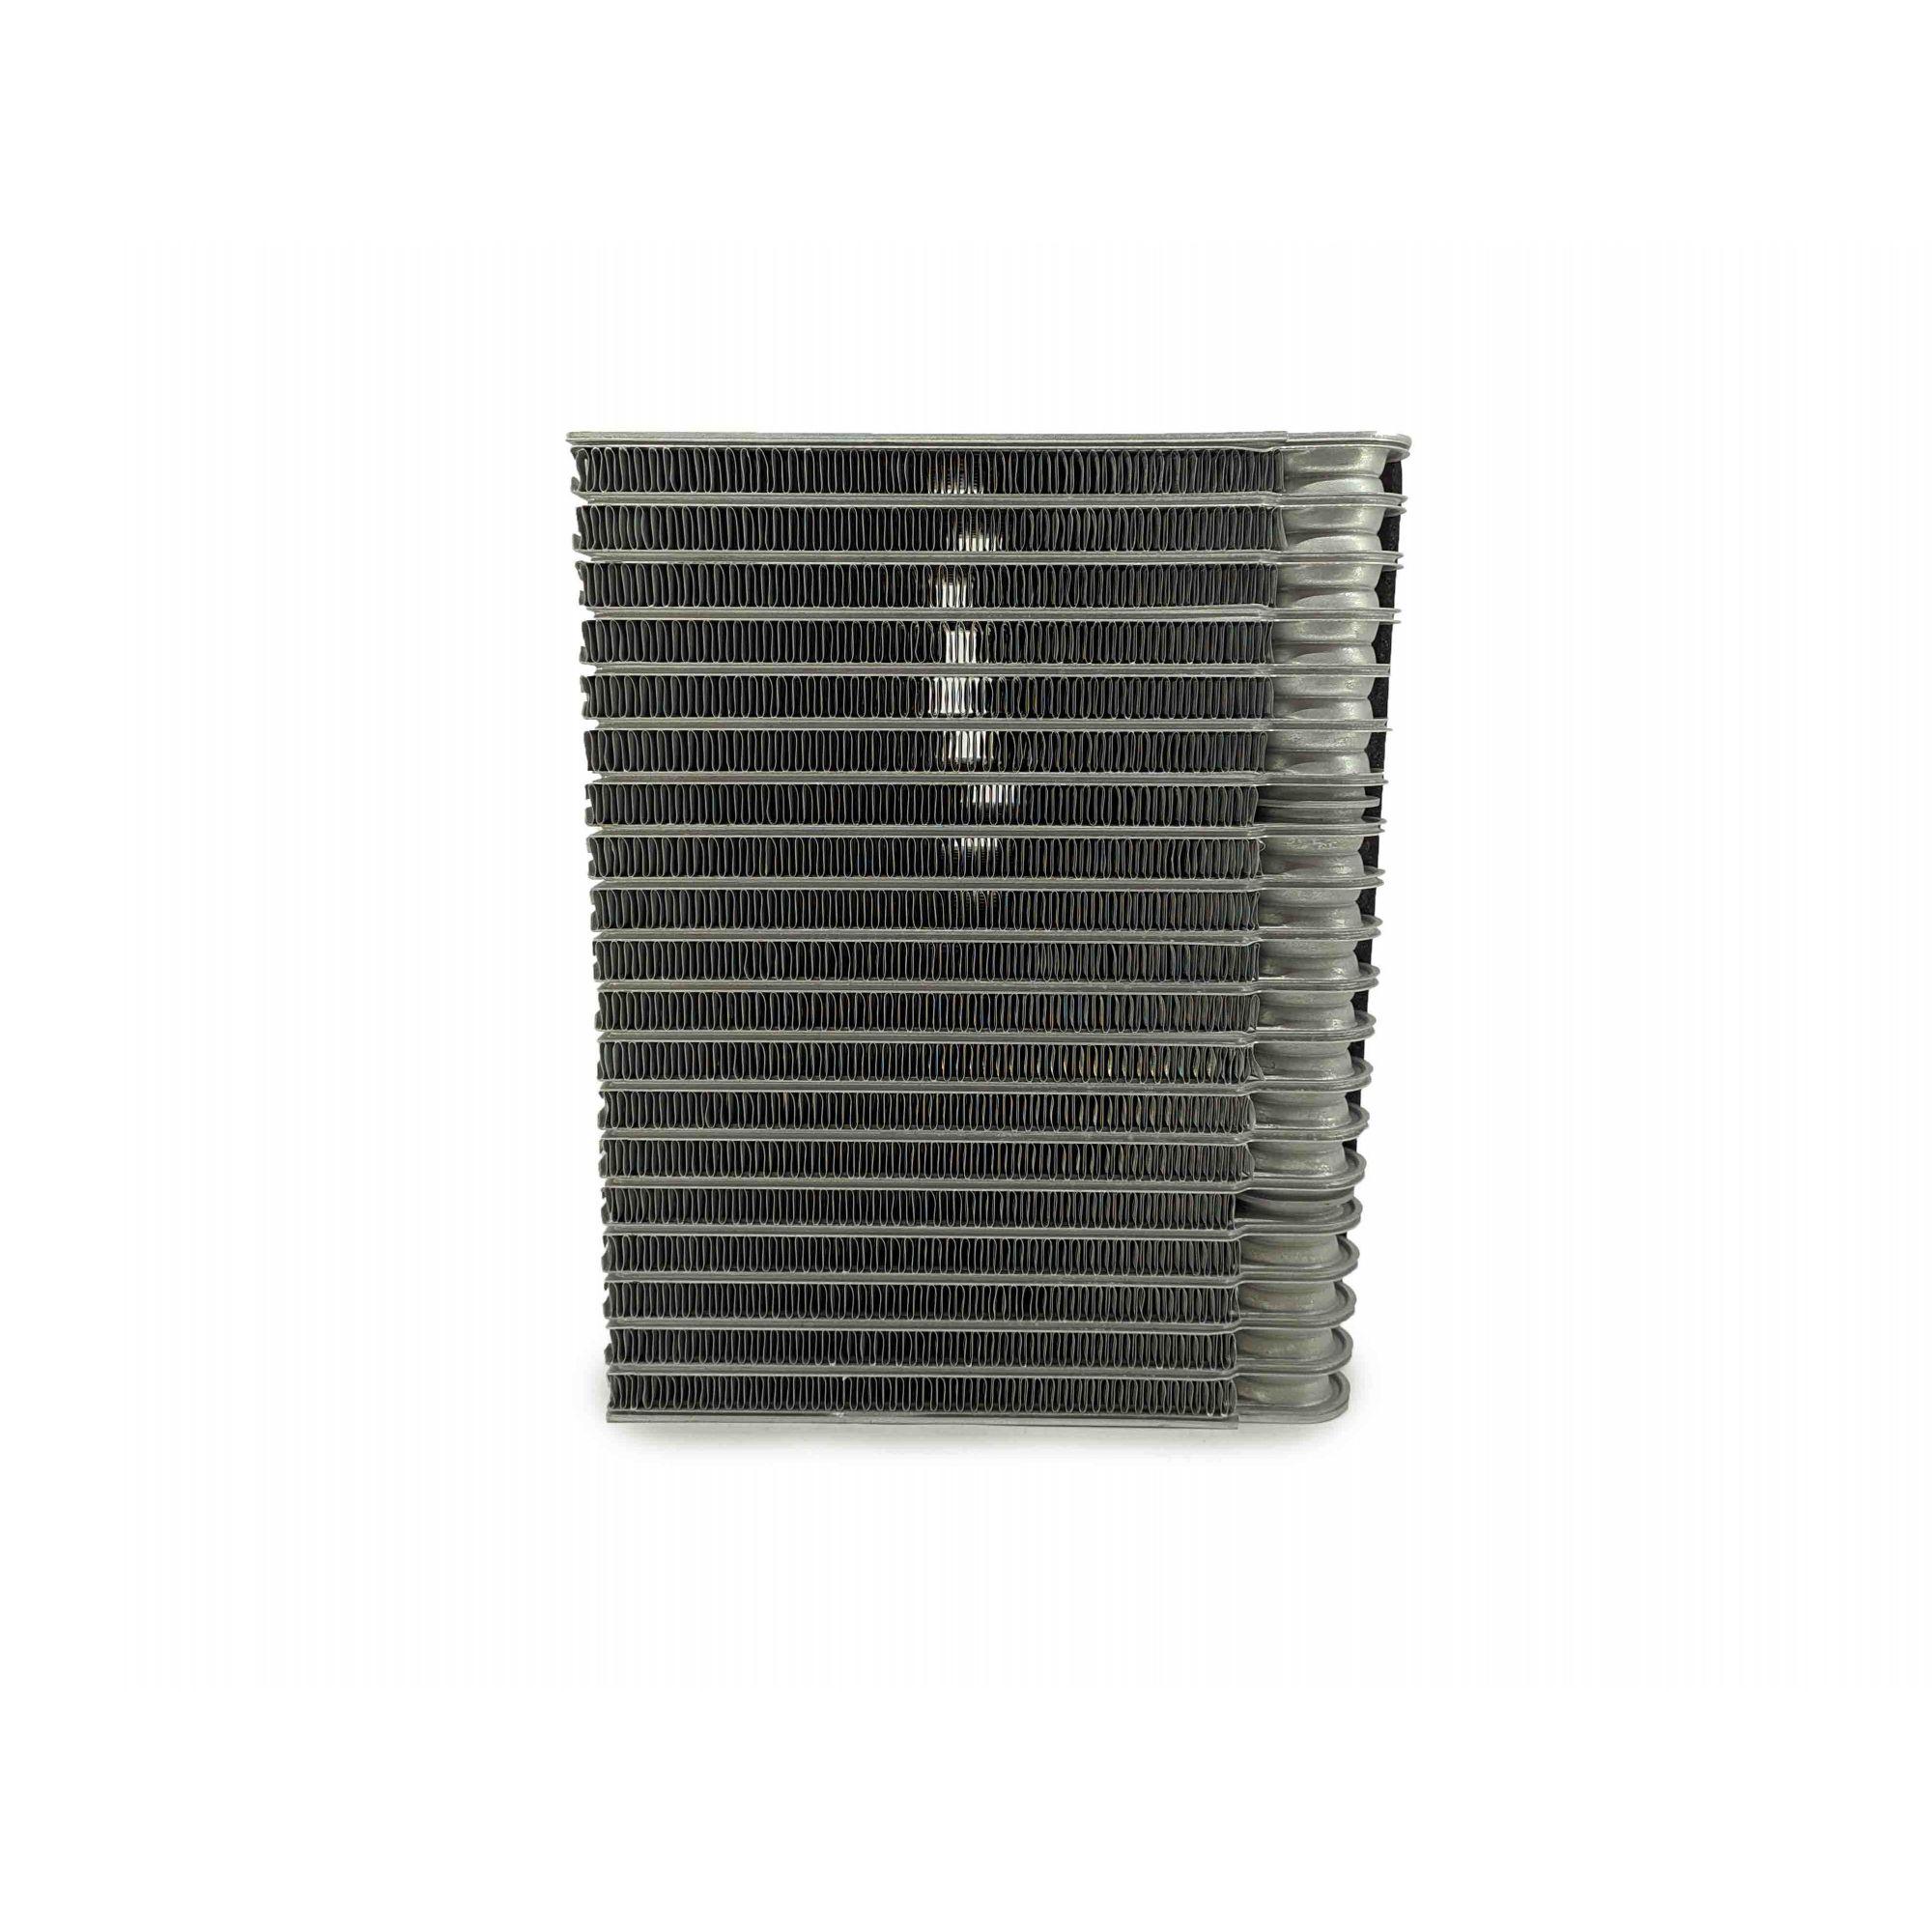 Evaporador De Ar Vw Gol G3/g4 Modelo Valeo